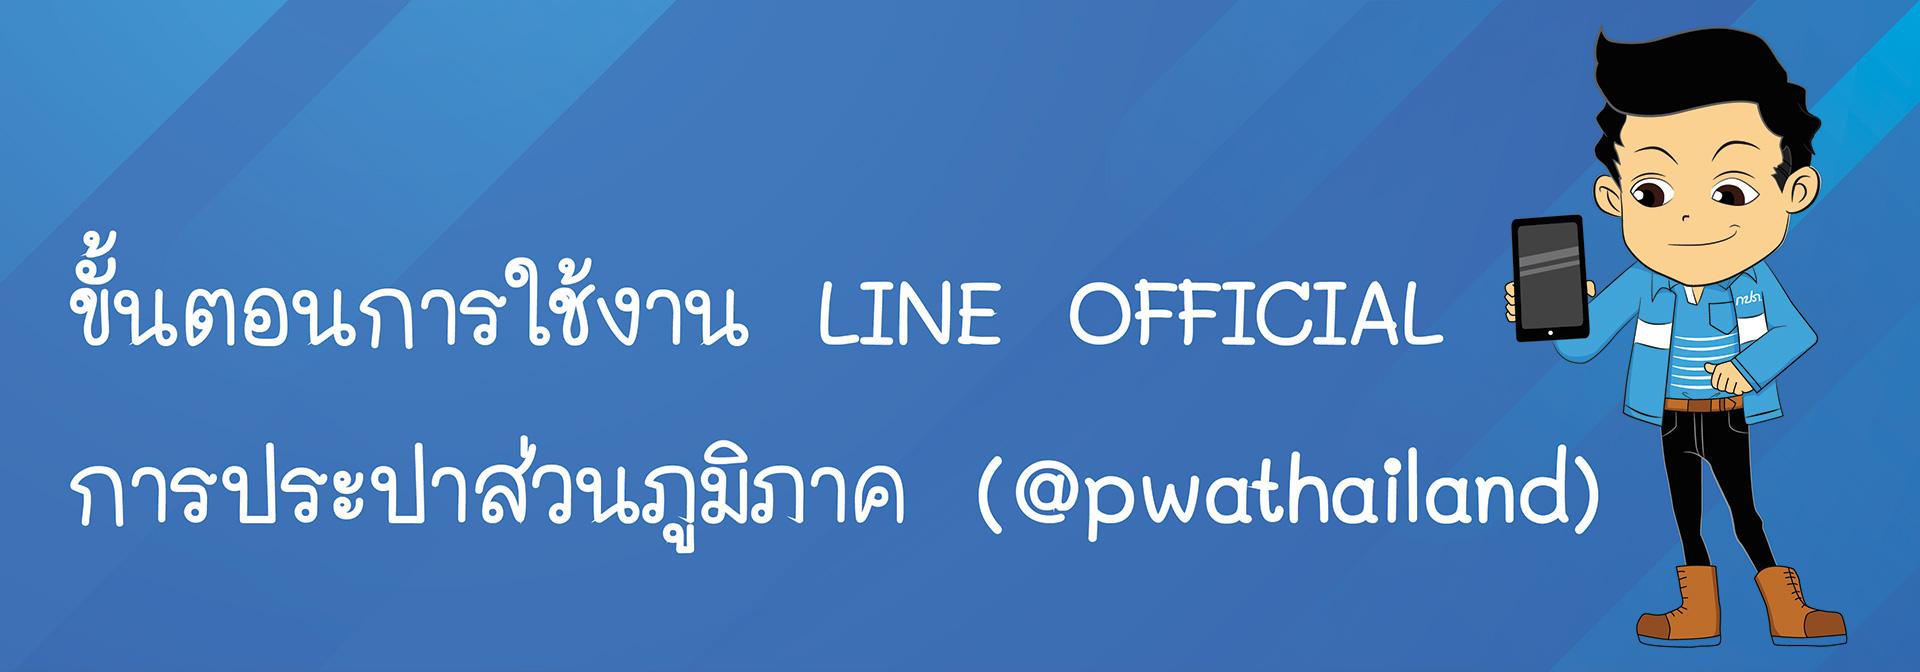 ขั้นตอนการใช้งาน Line Official การประปาส่วนภูมิภาค